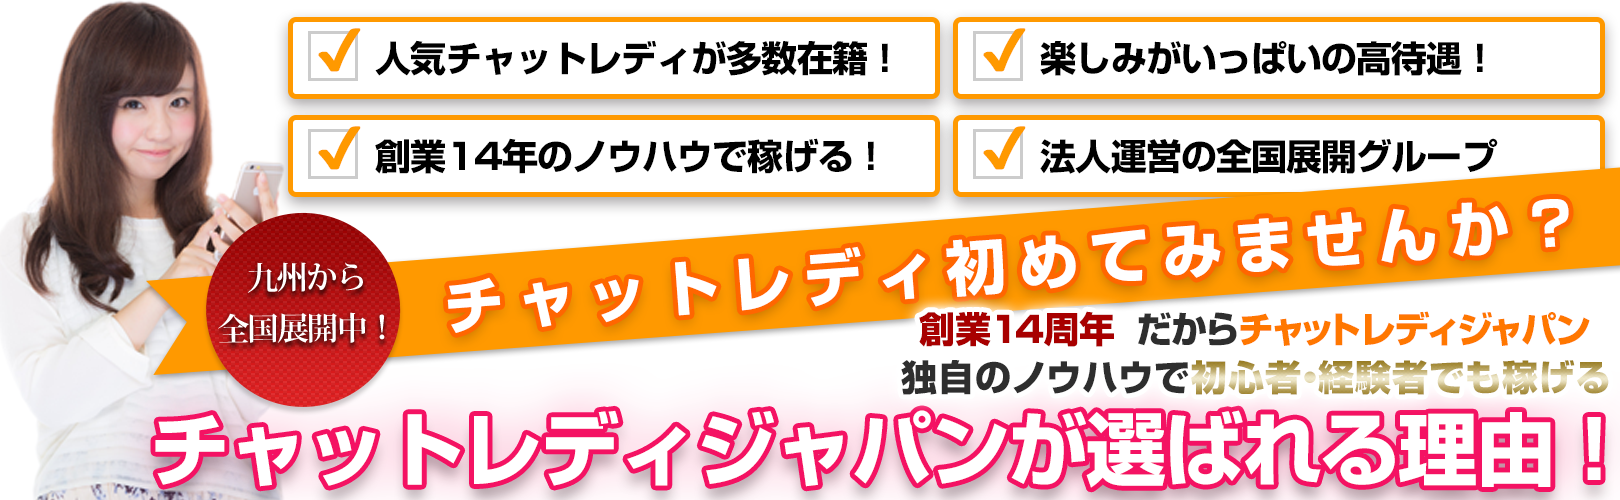 九州エリアNo1のチャットレディジャパンが選ばれる理由!